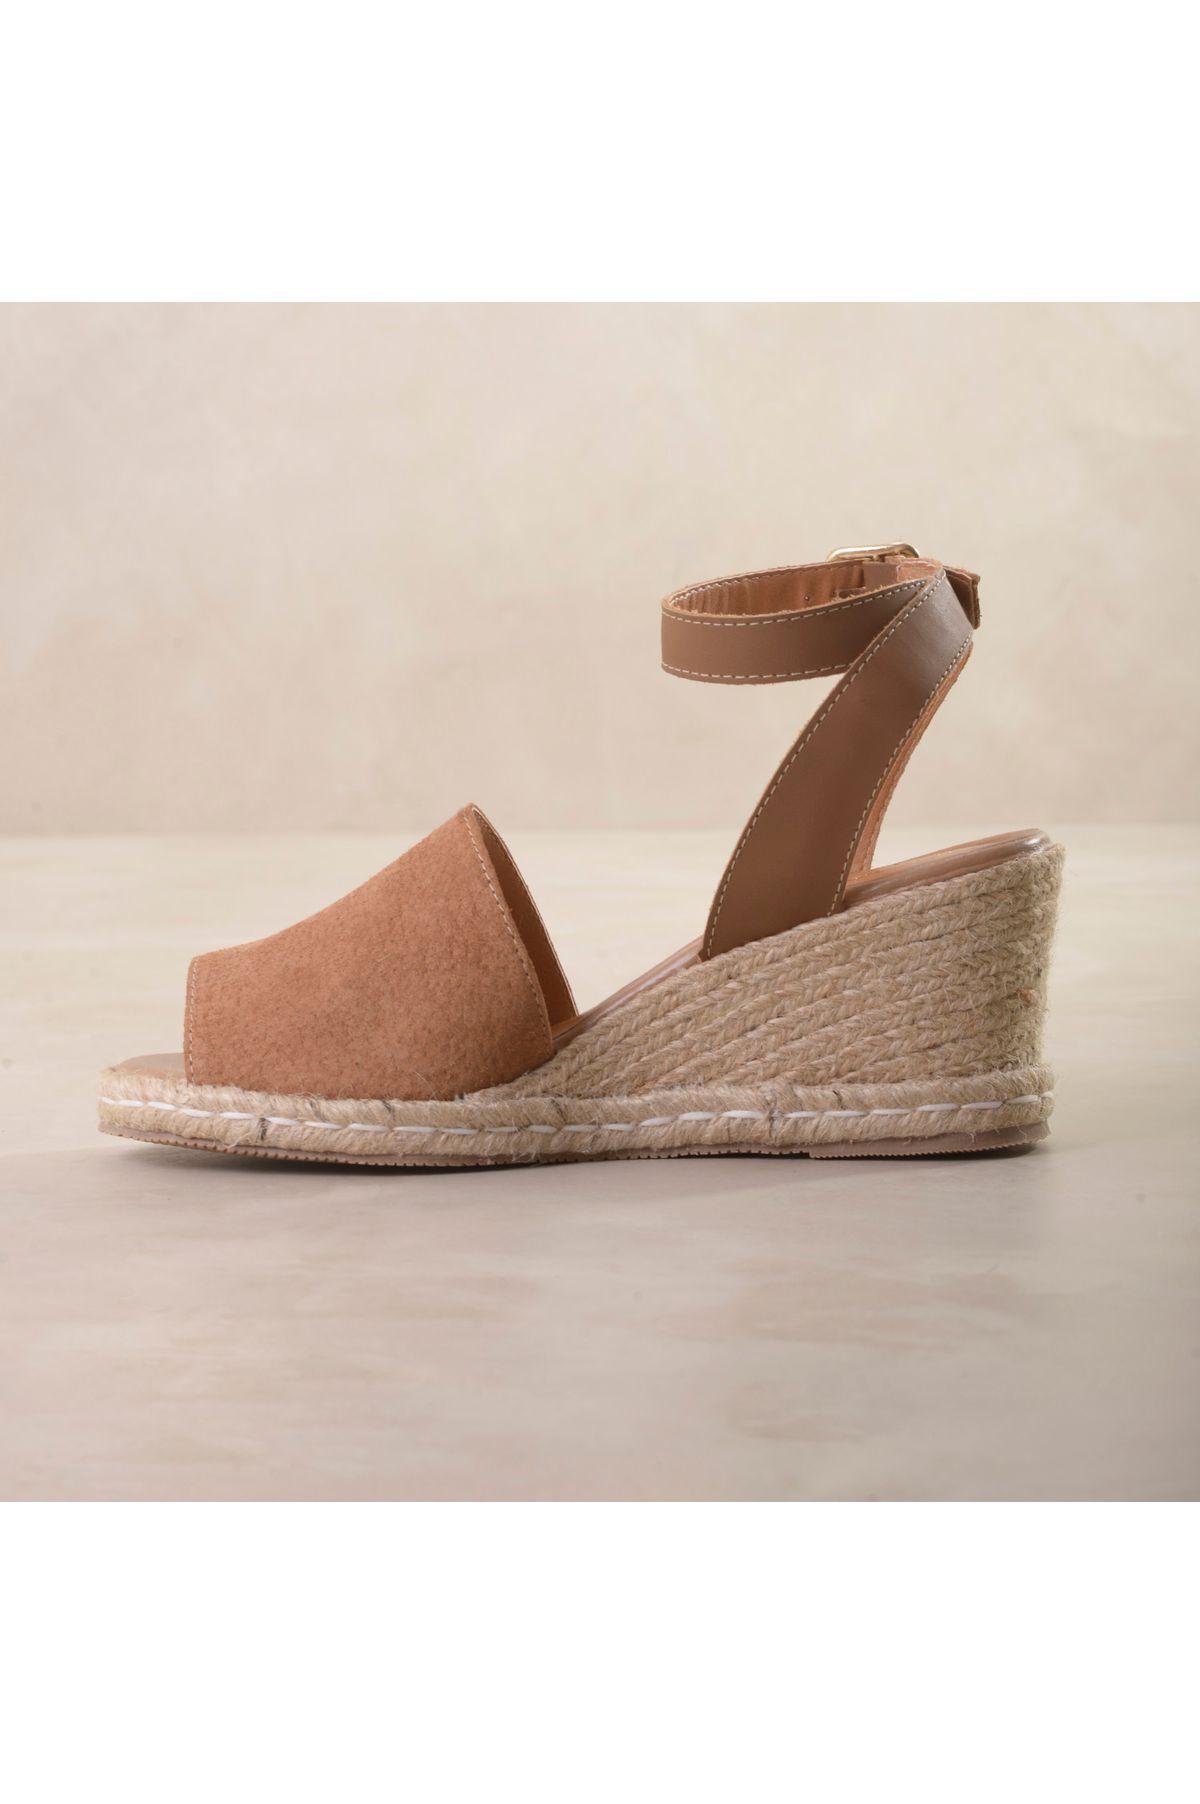 803da3cc1 Sandália Anabela Vernon Tilda   Mundial Calçados - Mundial Calçados